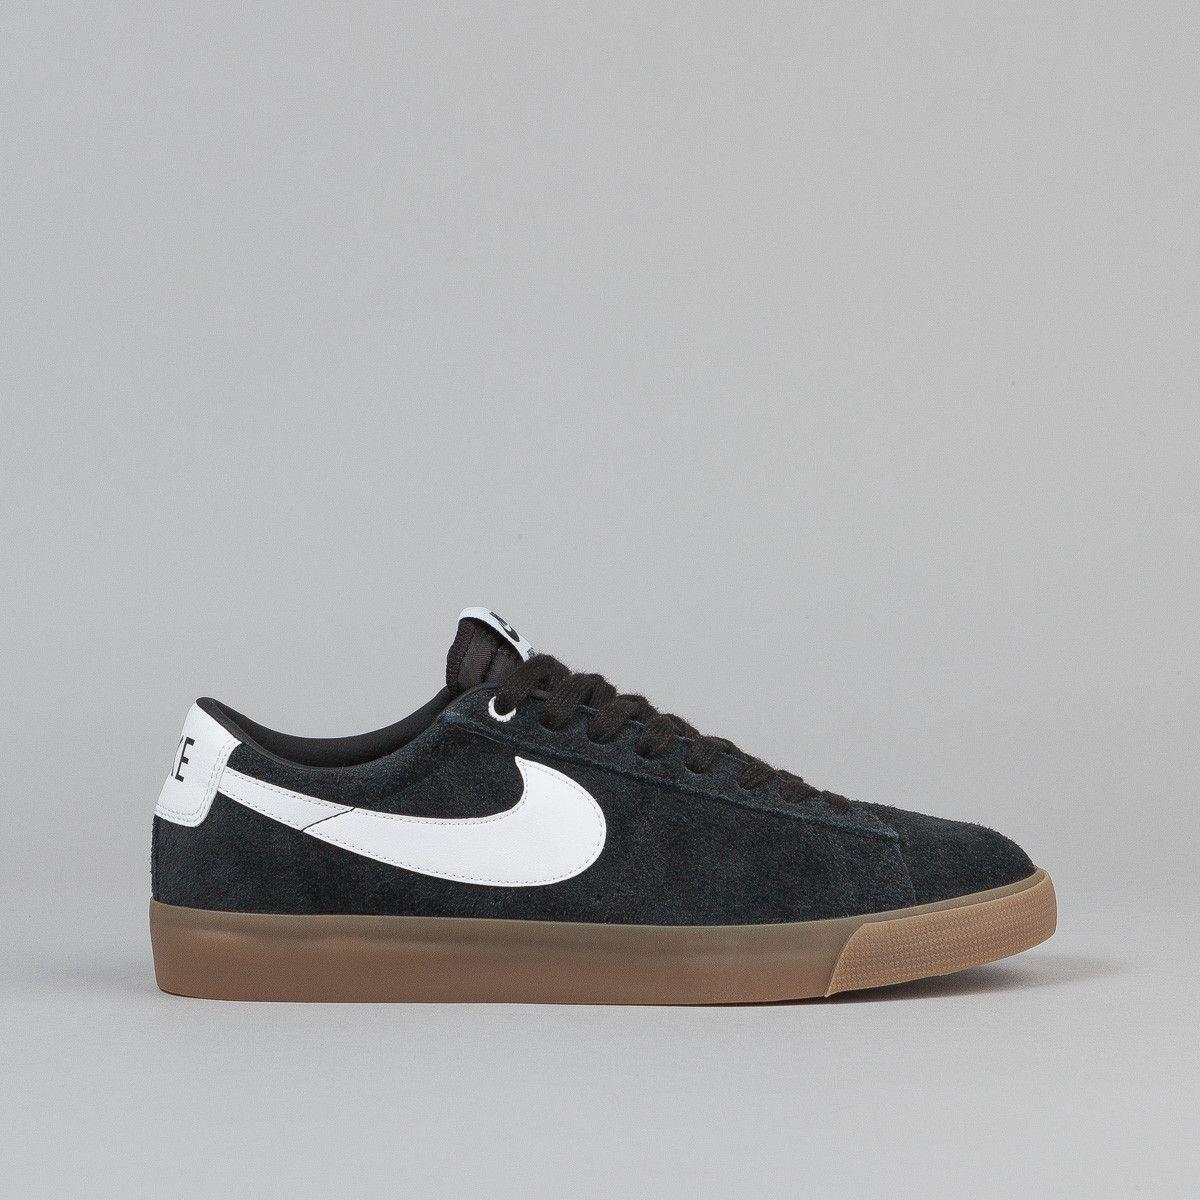 Nike Blazer Baja Hombre De Oro Blanco salida 2015 m1nZUkEi